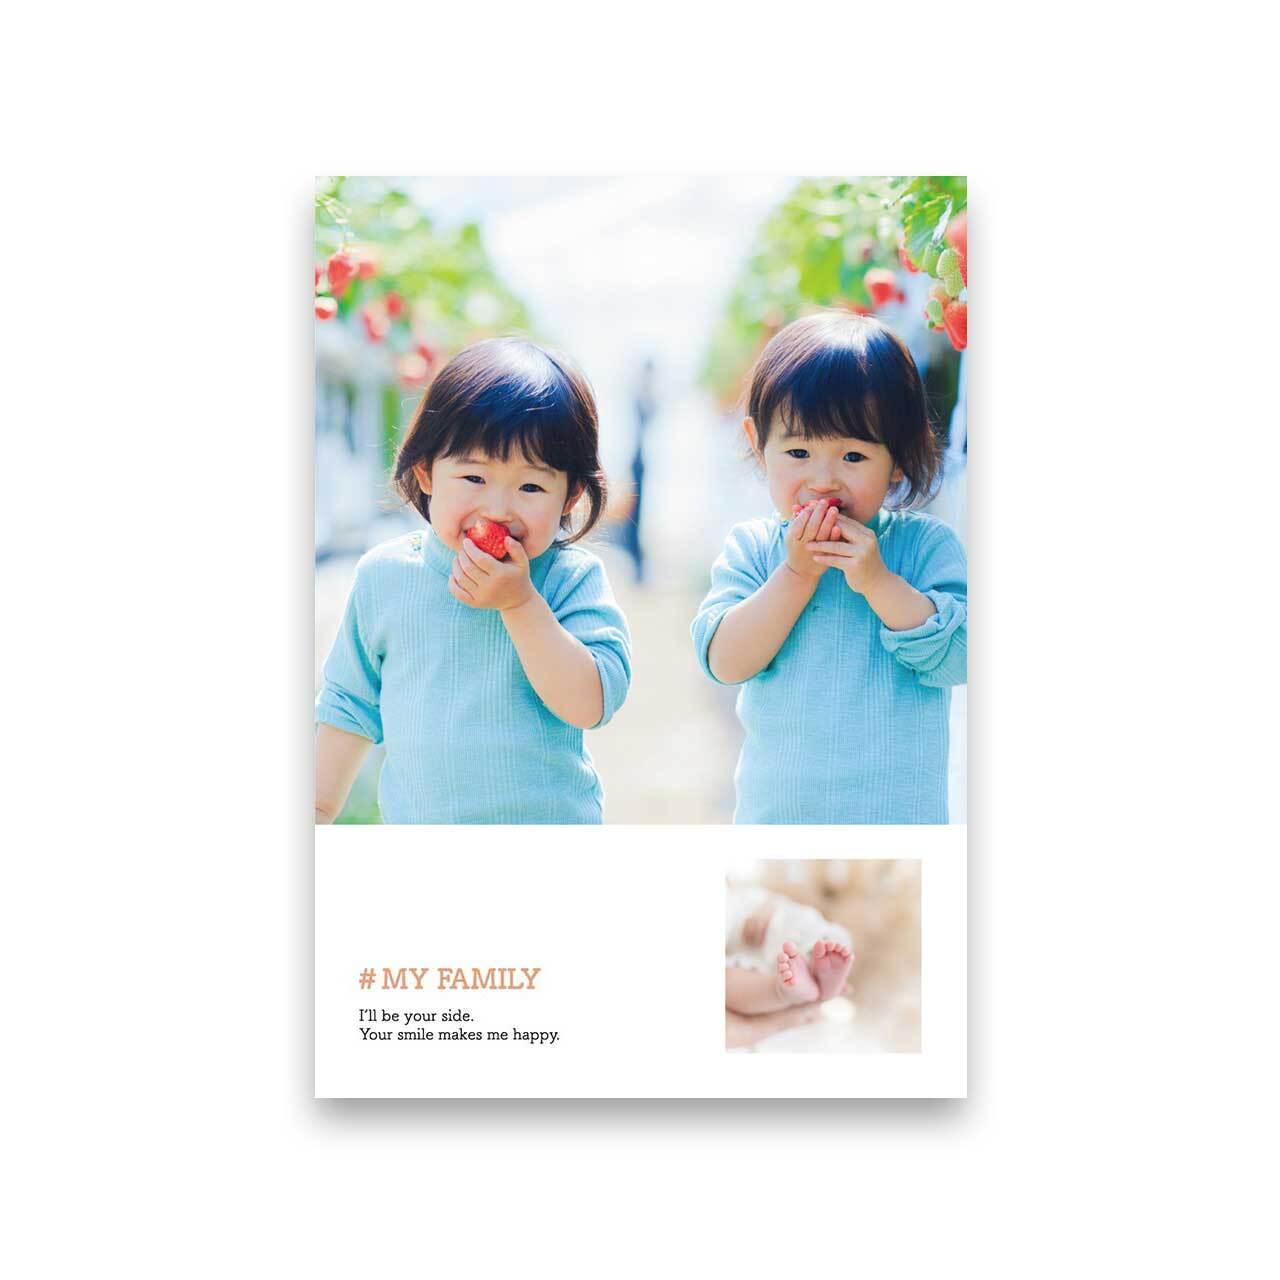 好きな写真でつくるフォトポスター「2Shot #MY FAMILY」